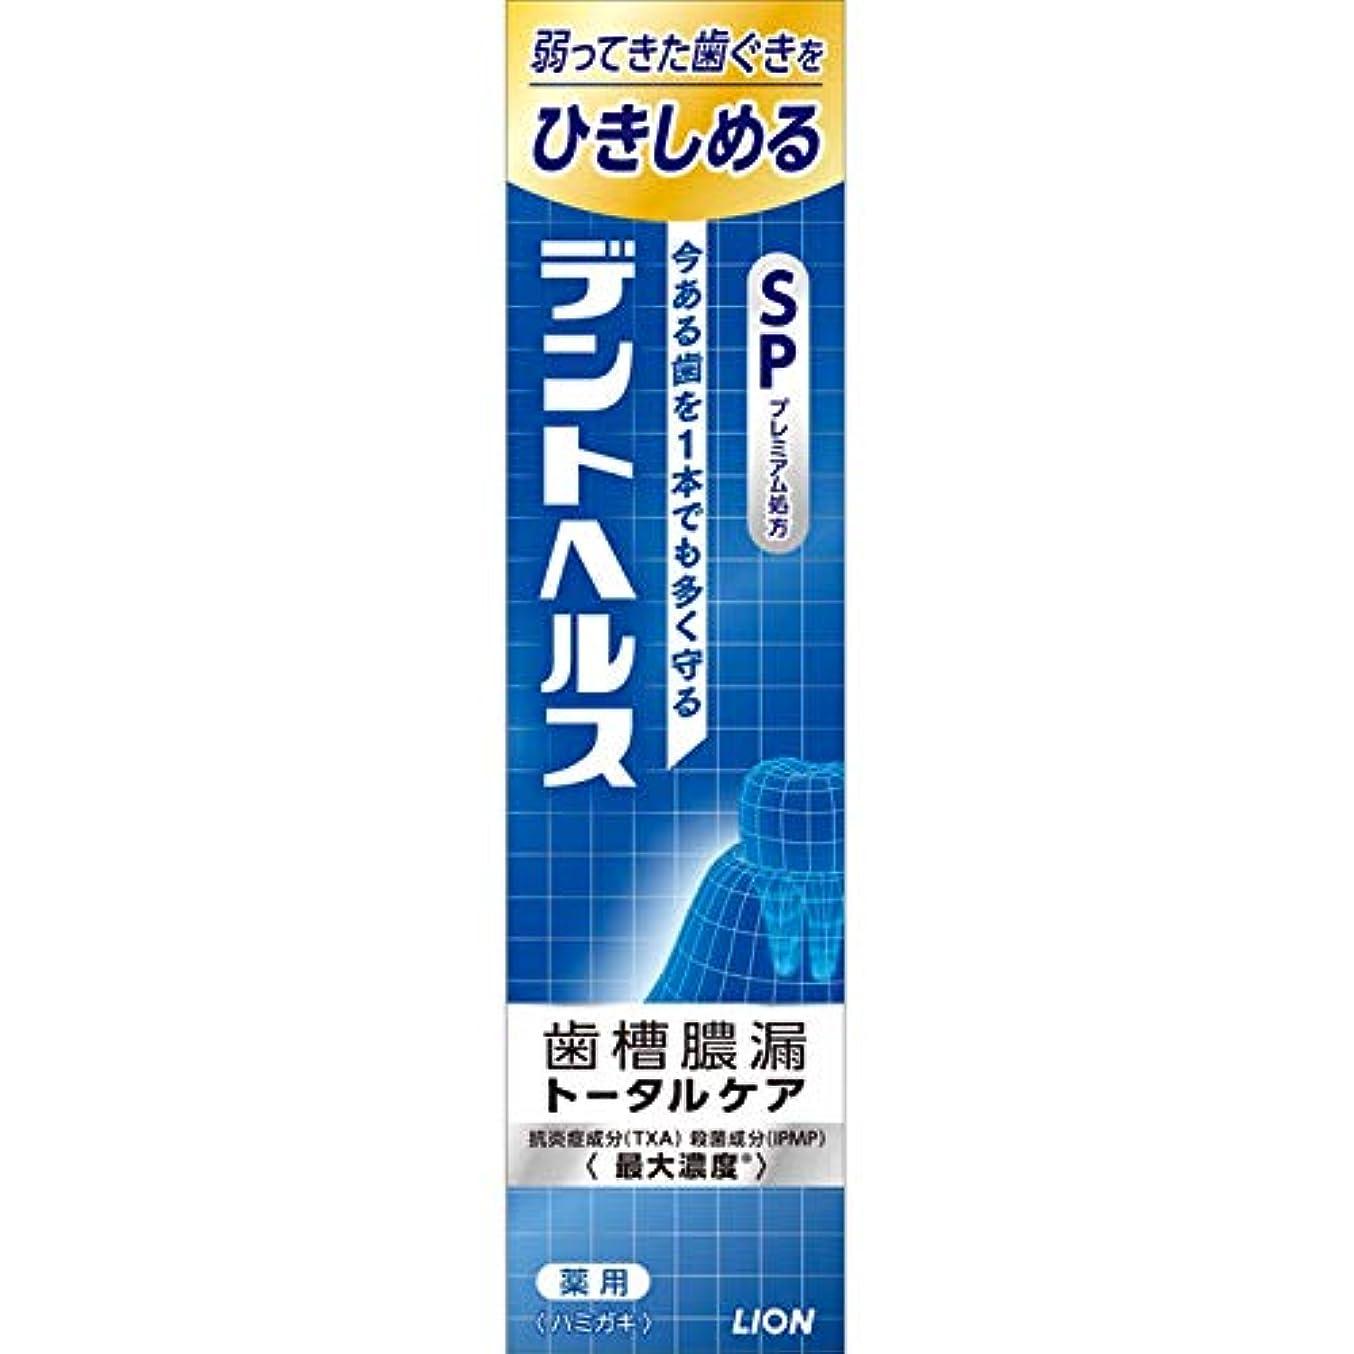 ダース覆すアーティストライオン デントヘルス 薬用ハミガキ SP 120g (医薬部外品)